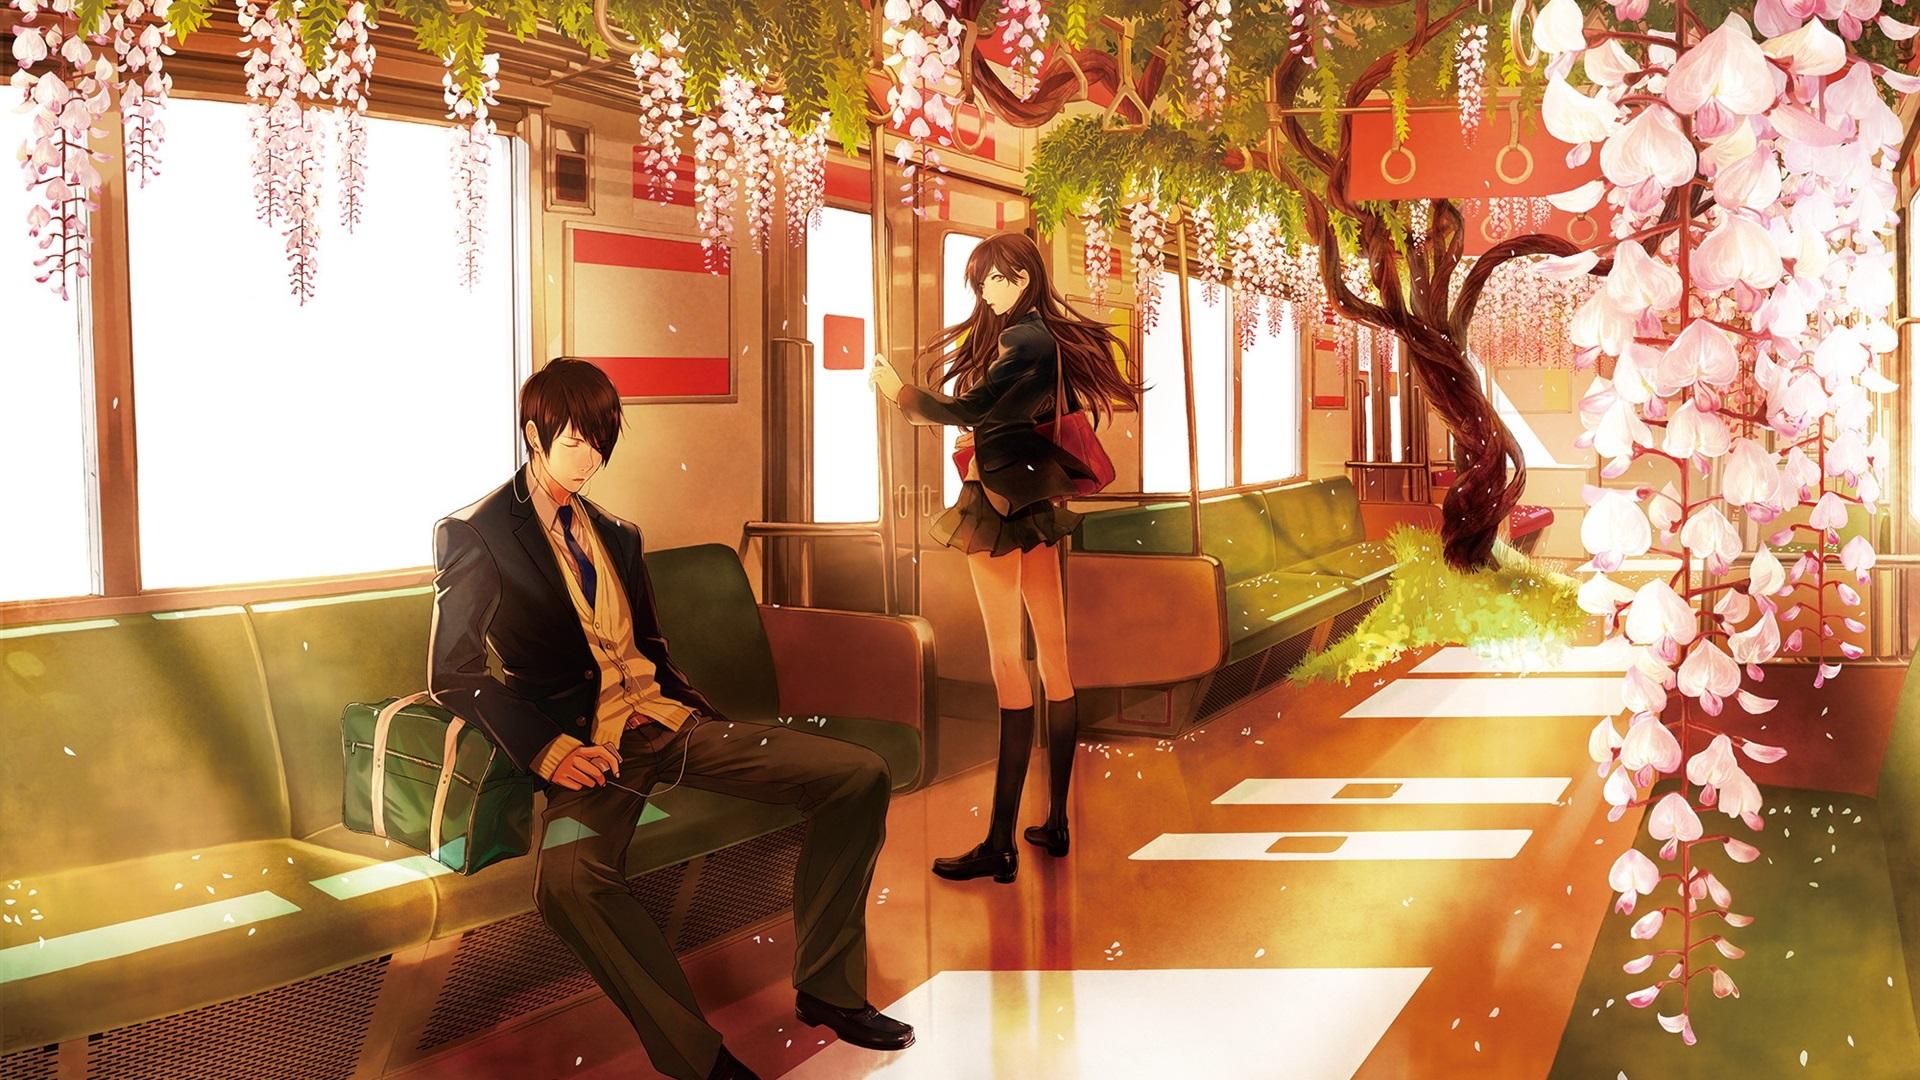 Anime über junge dating-mädchen mit silbernen haaren